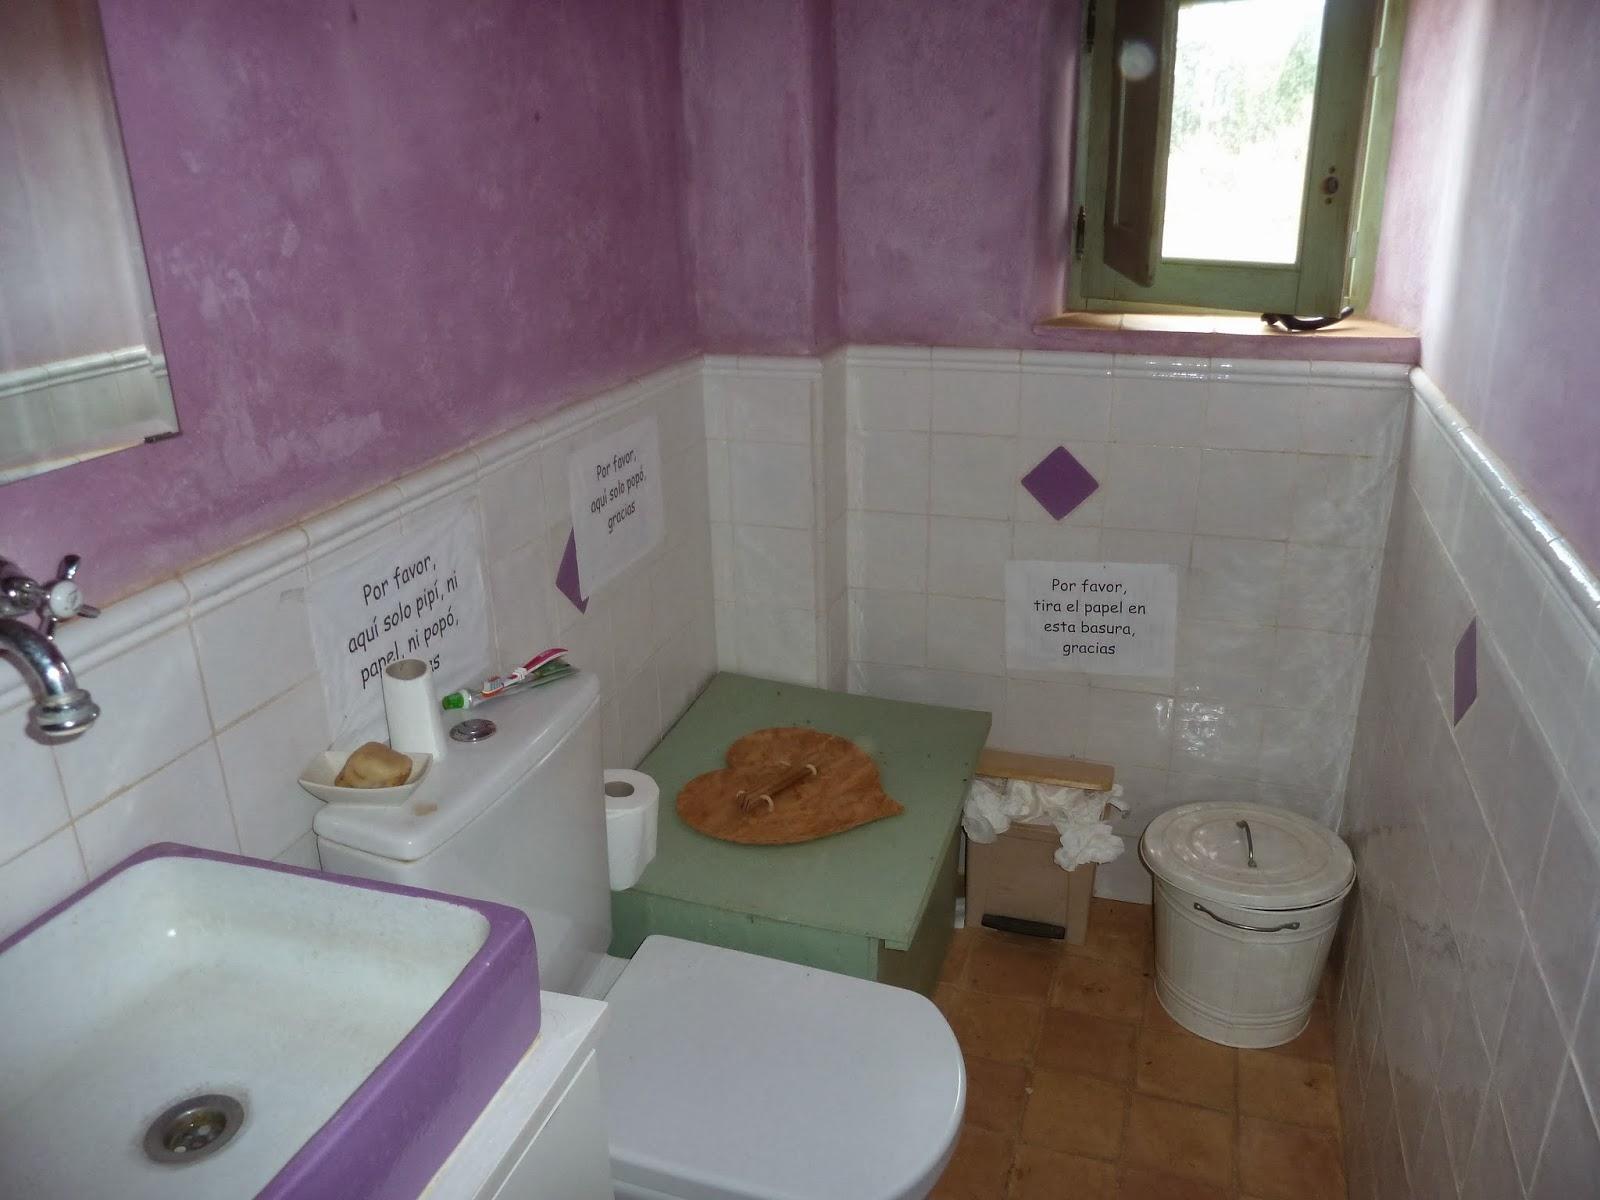 Inodoro Para Baño Seco:Cuarto de baño con inodoro seco en el interior de la vivienda en